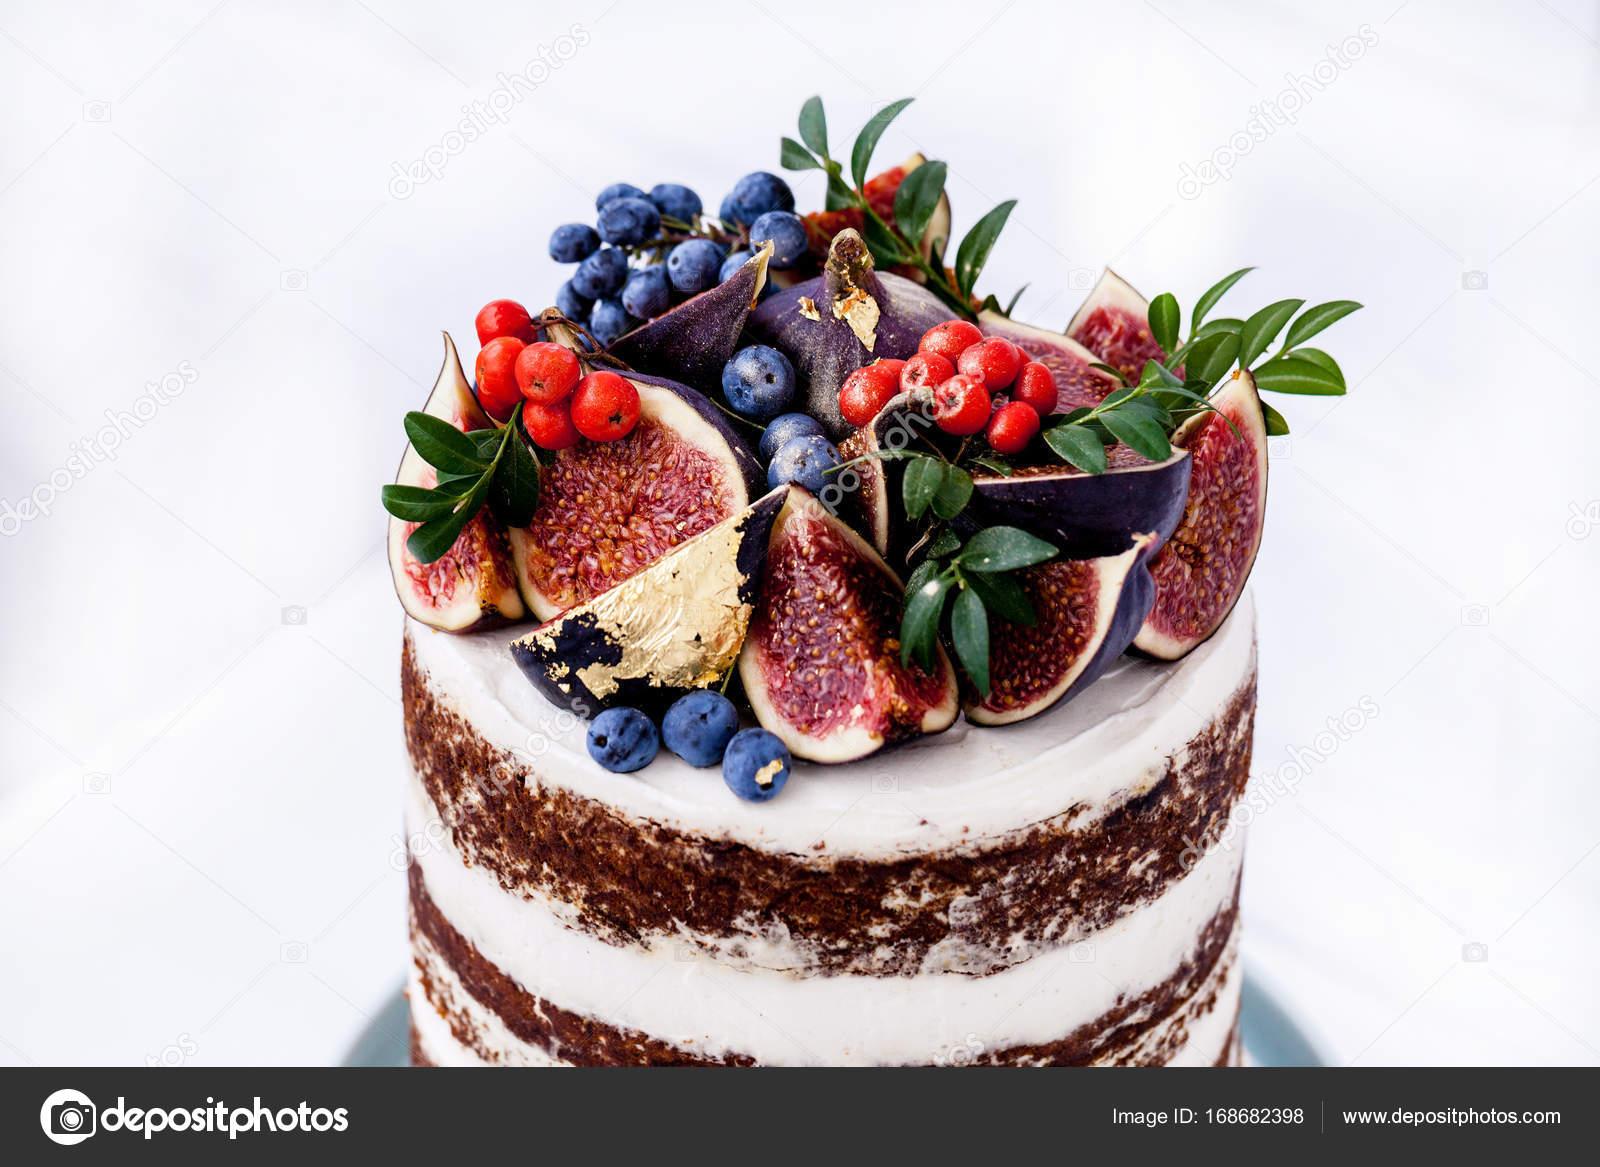 szép torta képek Szép születésnapi torta, a füge és a fekete áfonya — Stock Fotó  szép torta képek